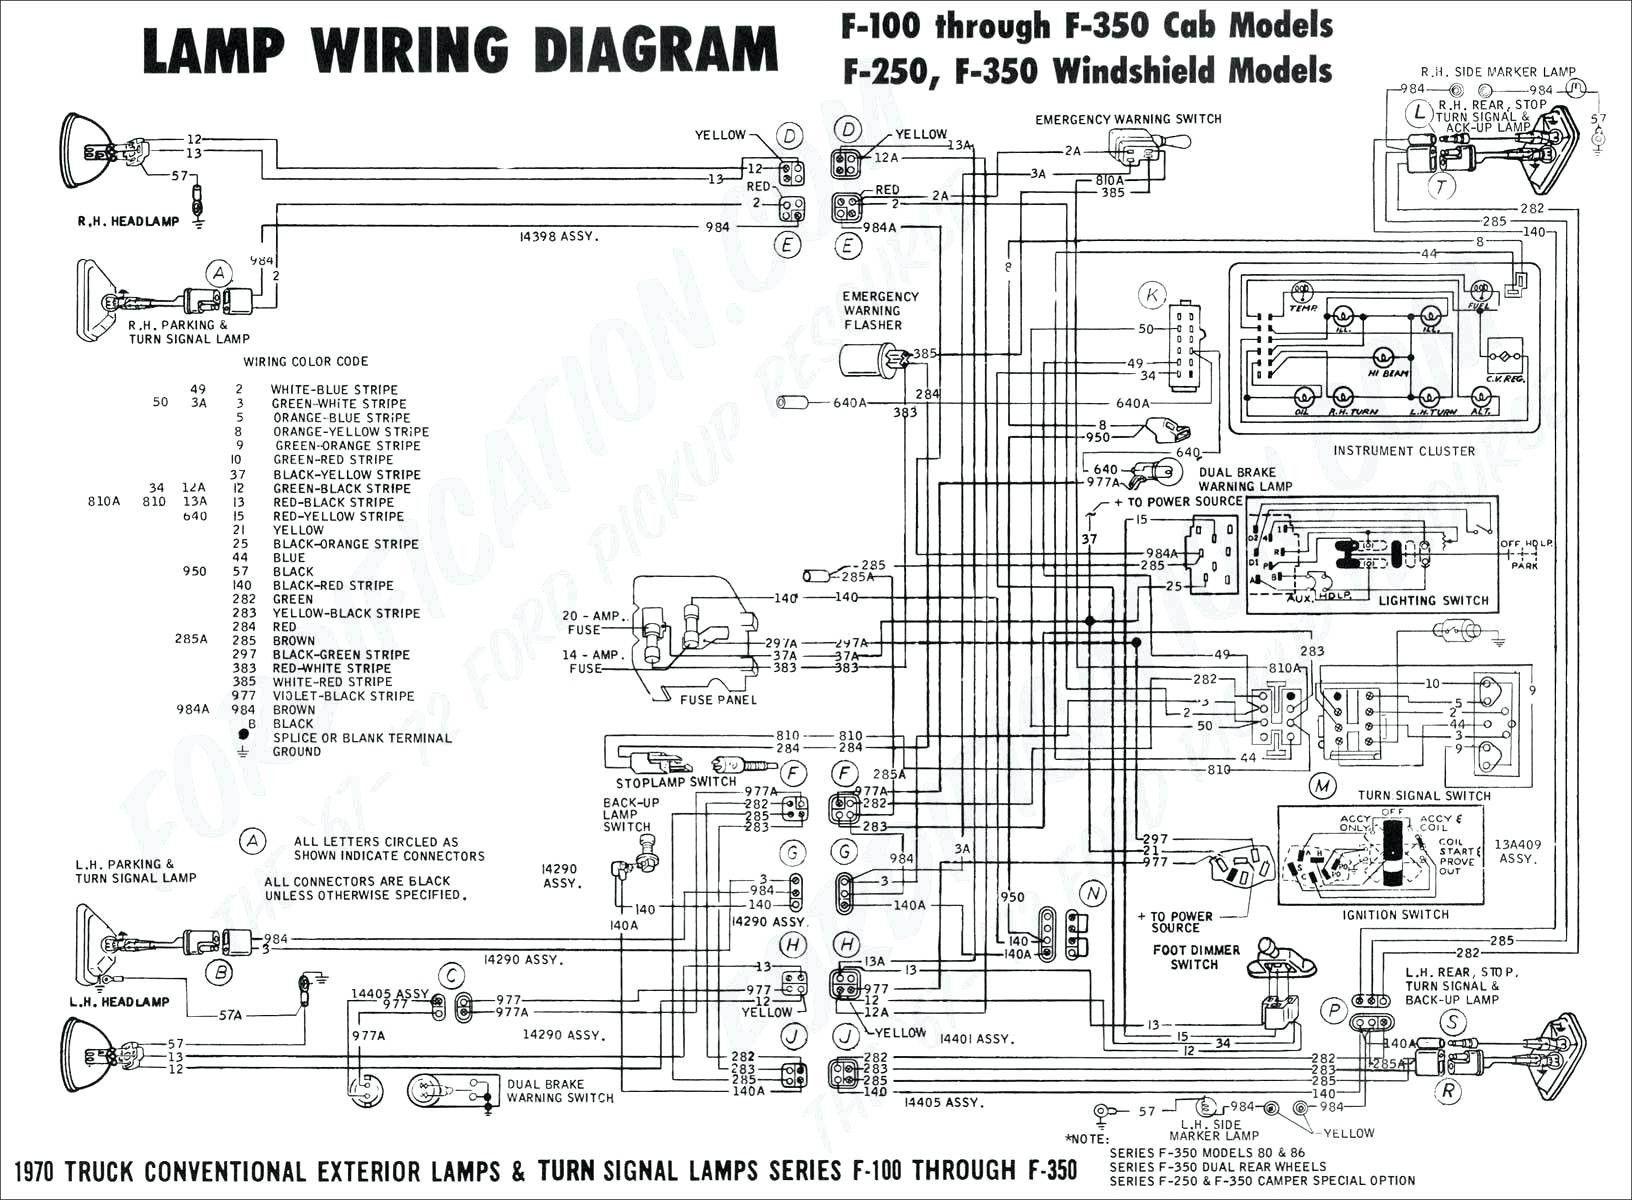 2002 Pontiac Montana Engine Diagram | Honda accord, Nissan maxima, Honda  civic | Wiring Diagram For 1999 Pontiac Montana |  | Pinterest